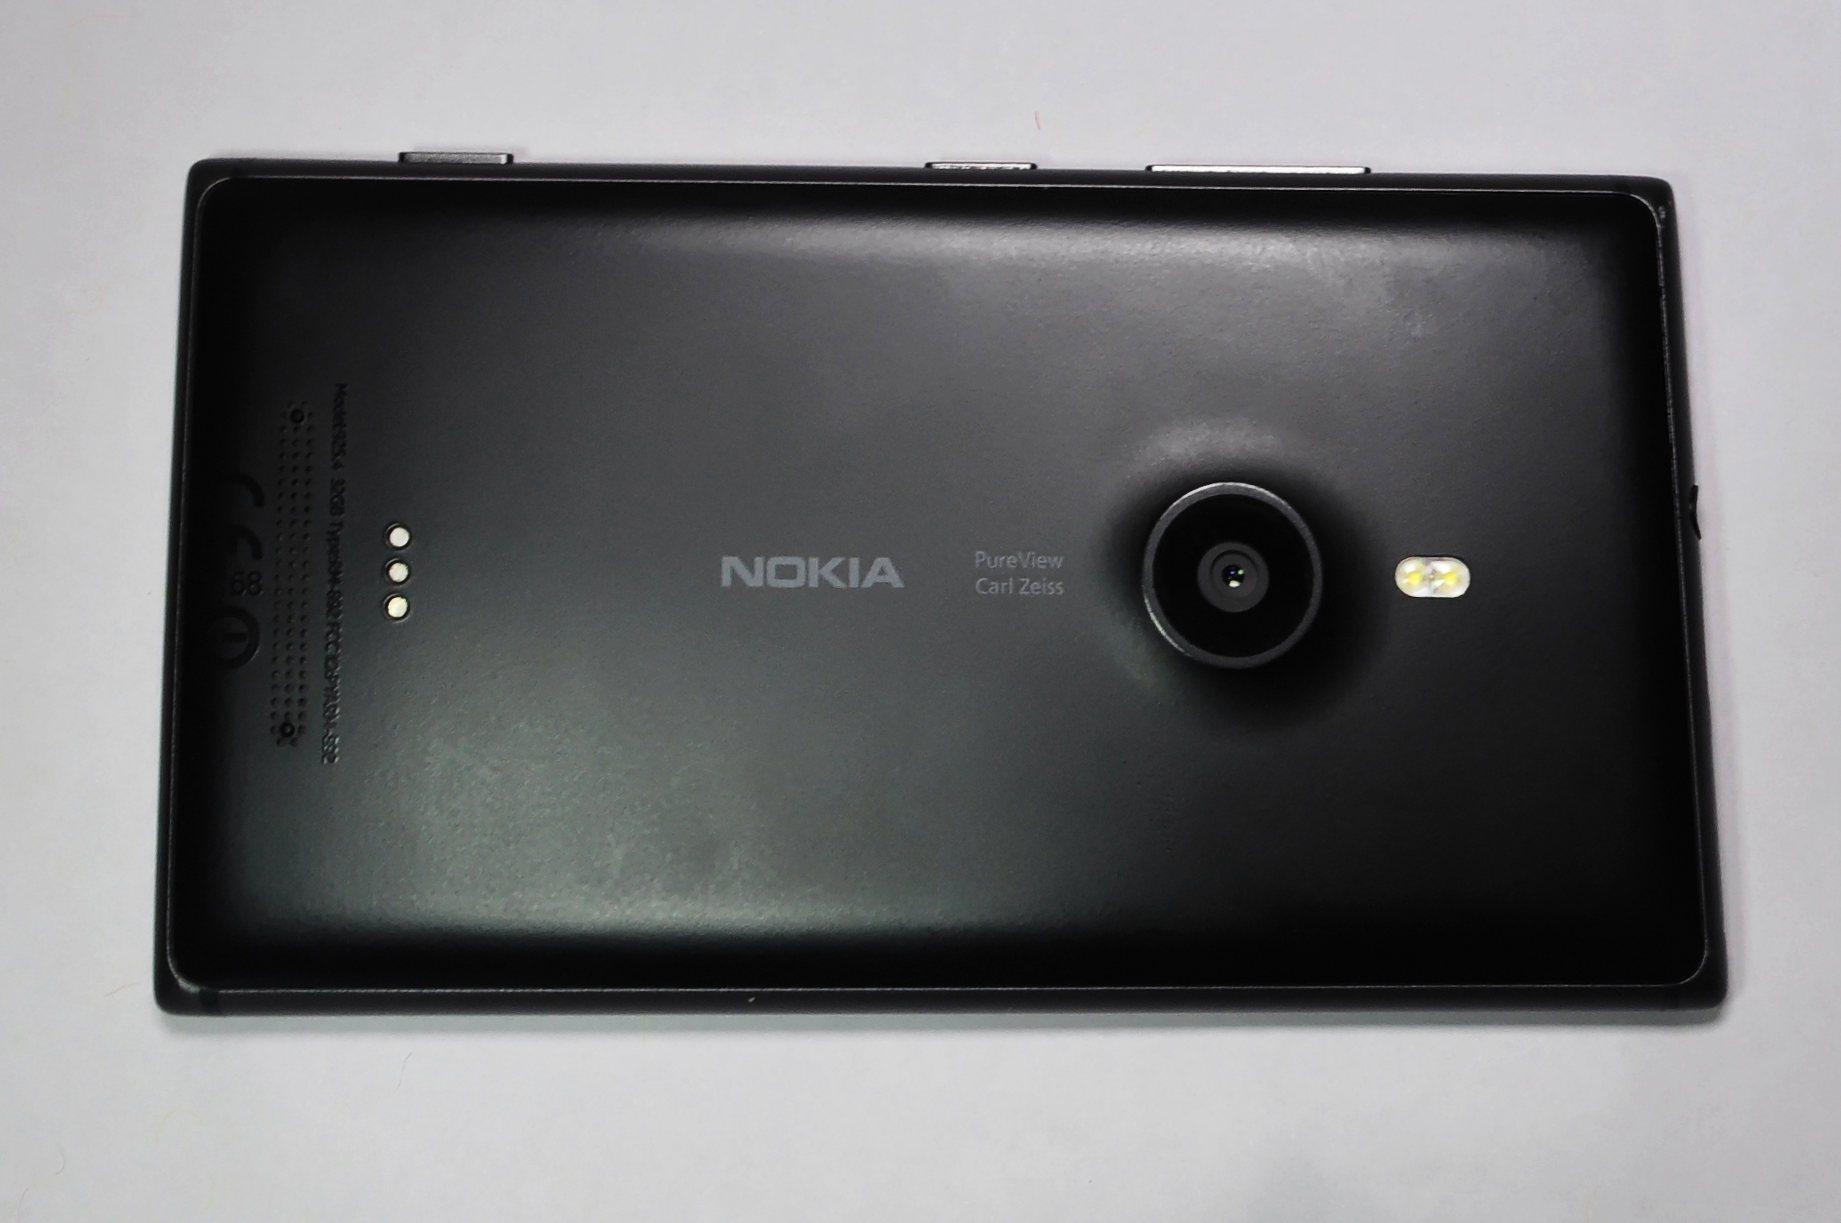 Nokia lumia 925 jpg - File Nokia Lumia 925 2014 By Raboe 04 Jpg